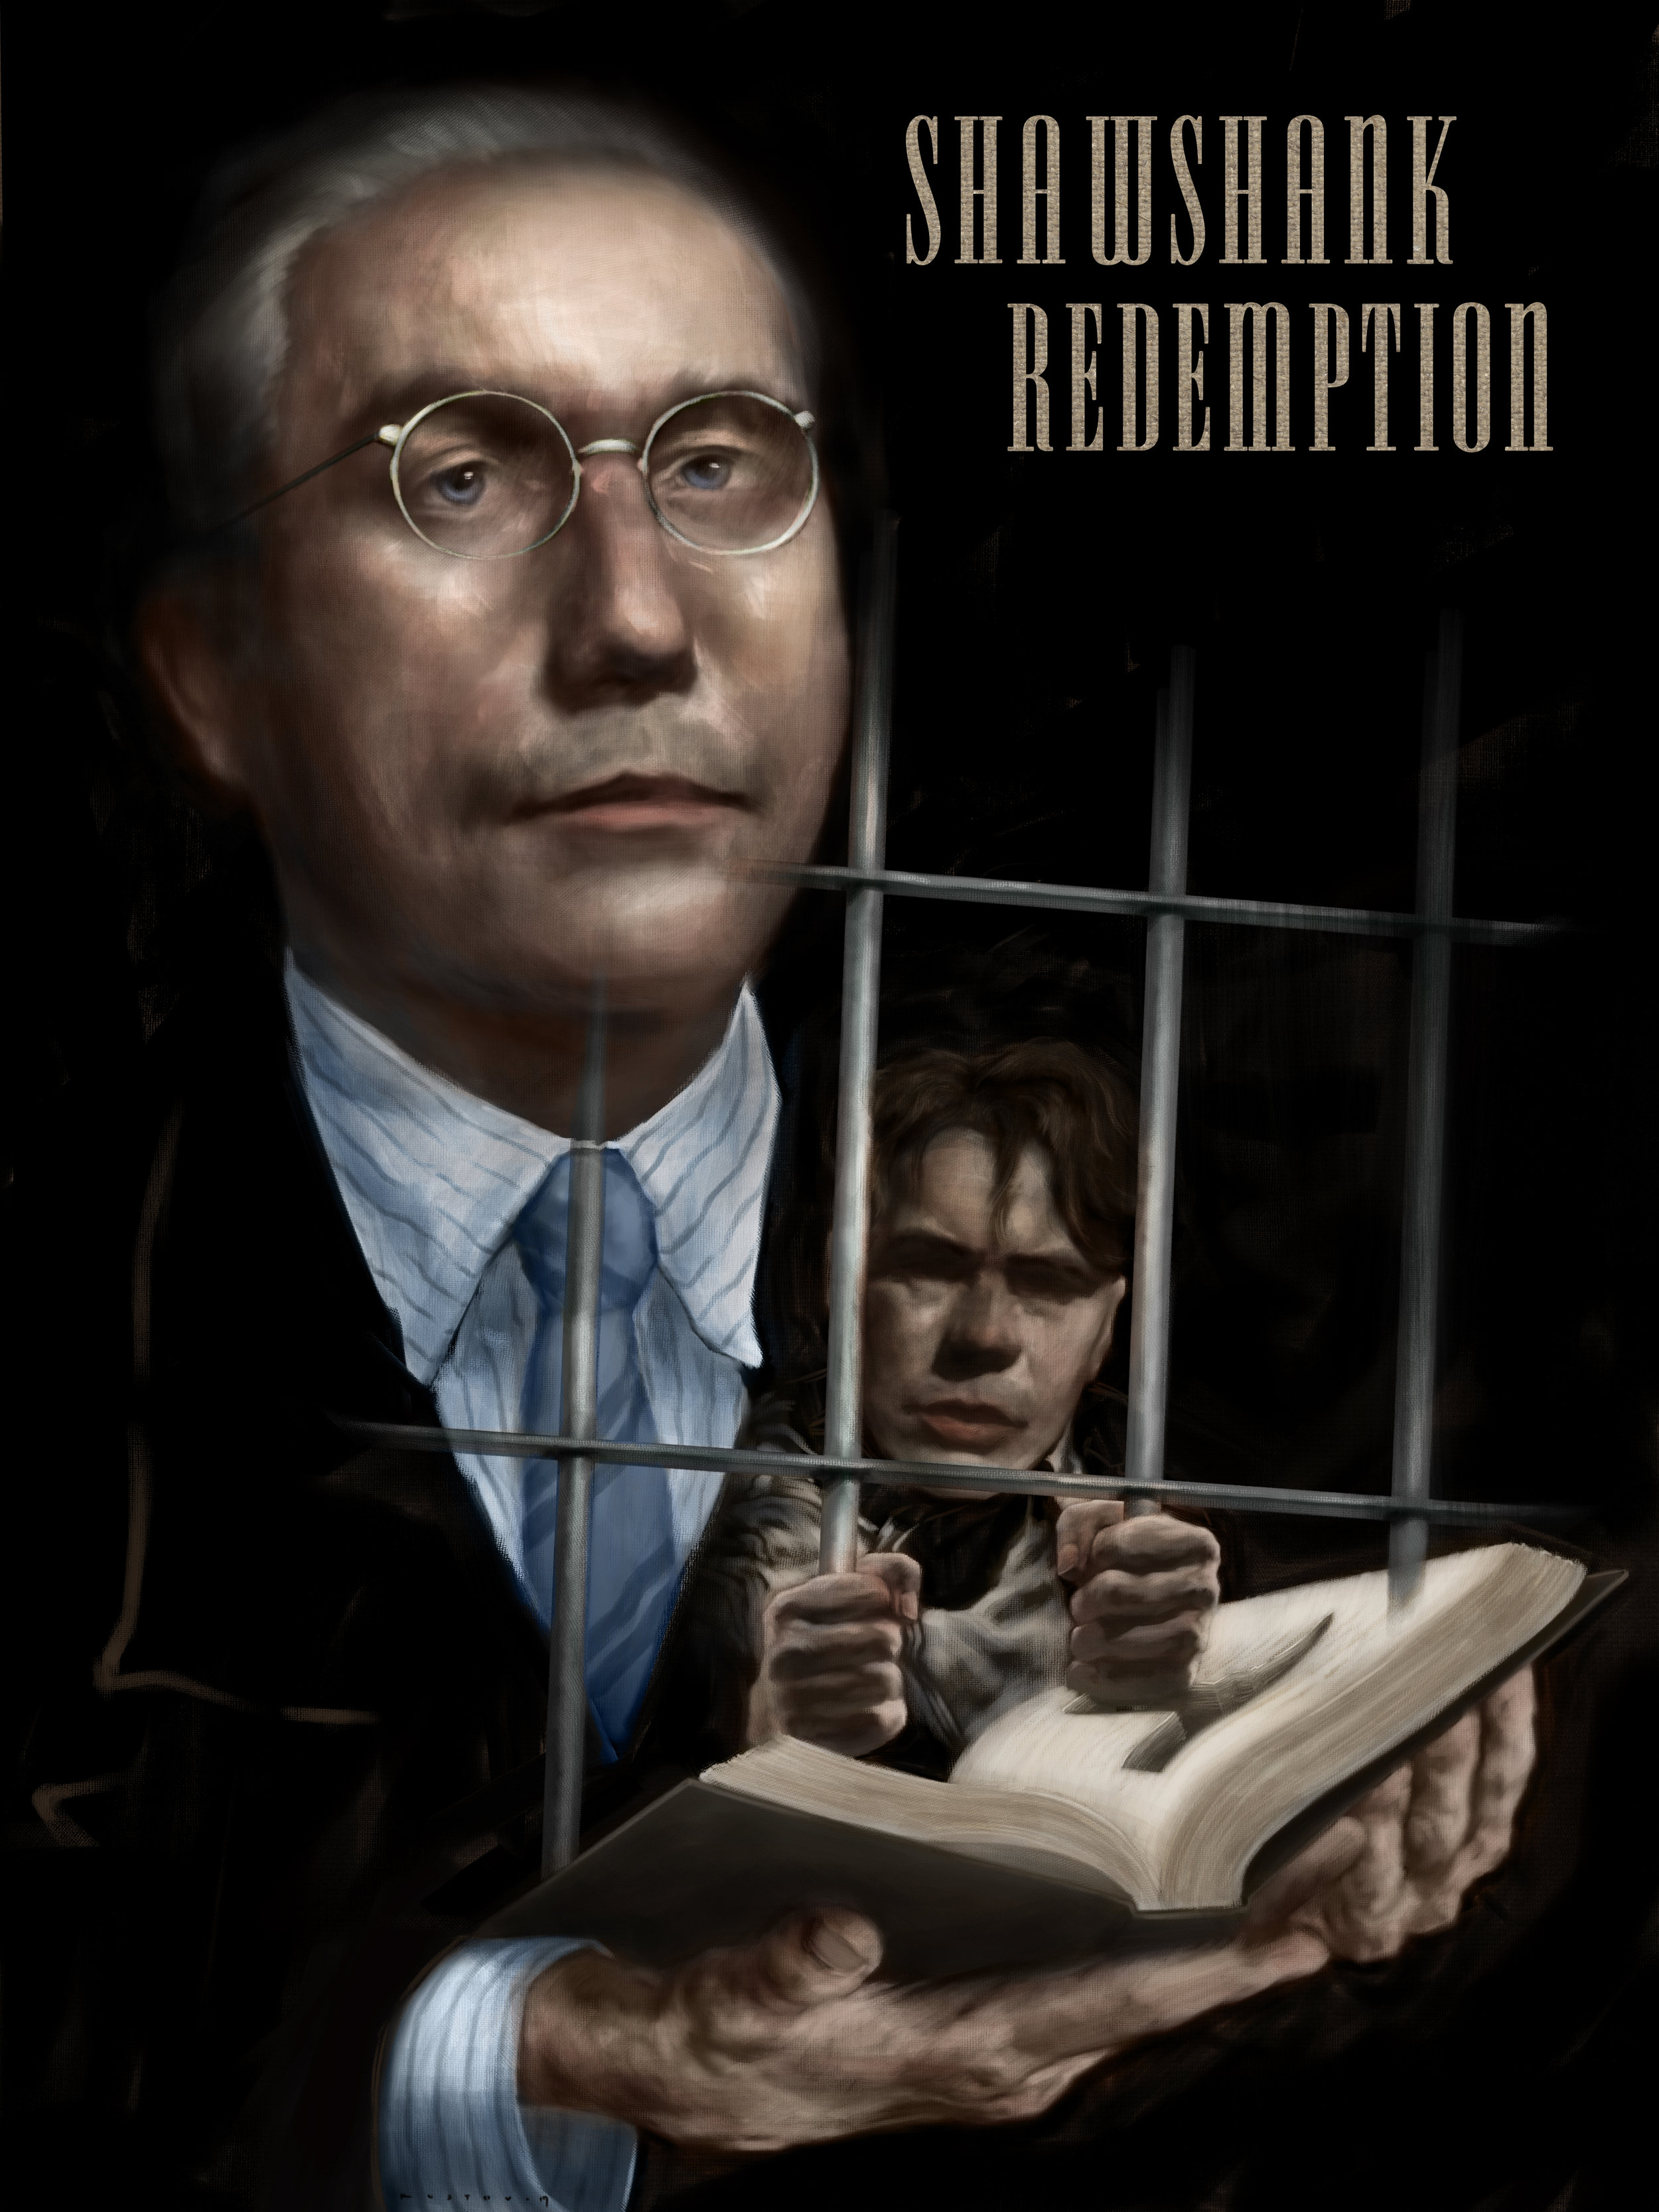 Shawshank Redemption with type.jpg